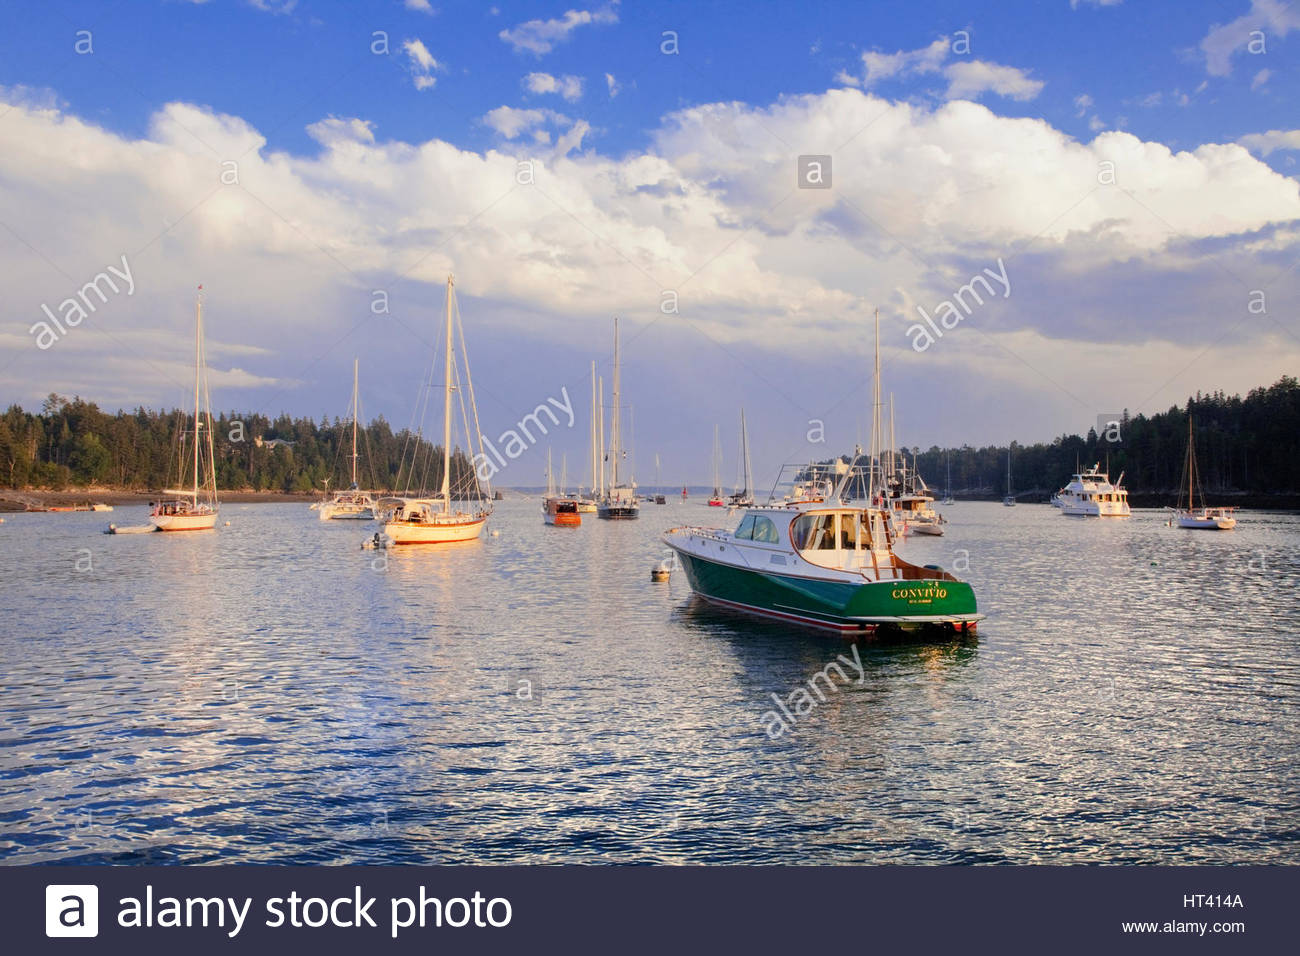 0902-1010 bateaux amarrés dans le nord-est de l'Harbor, Maine. Banque D'Images